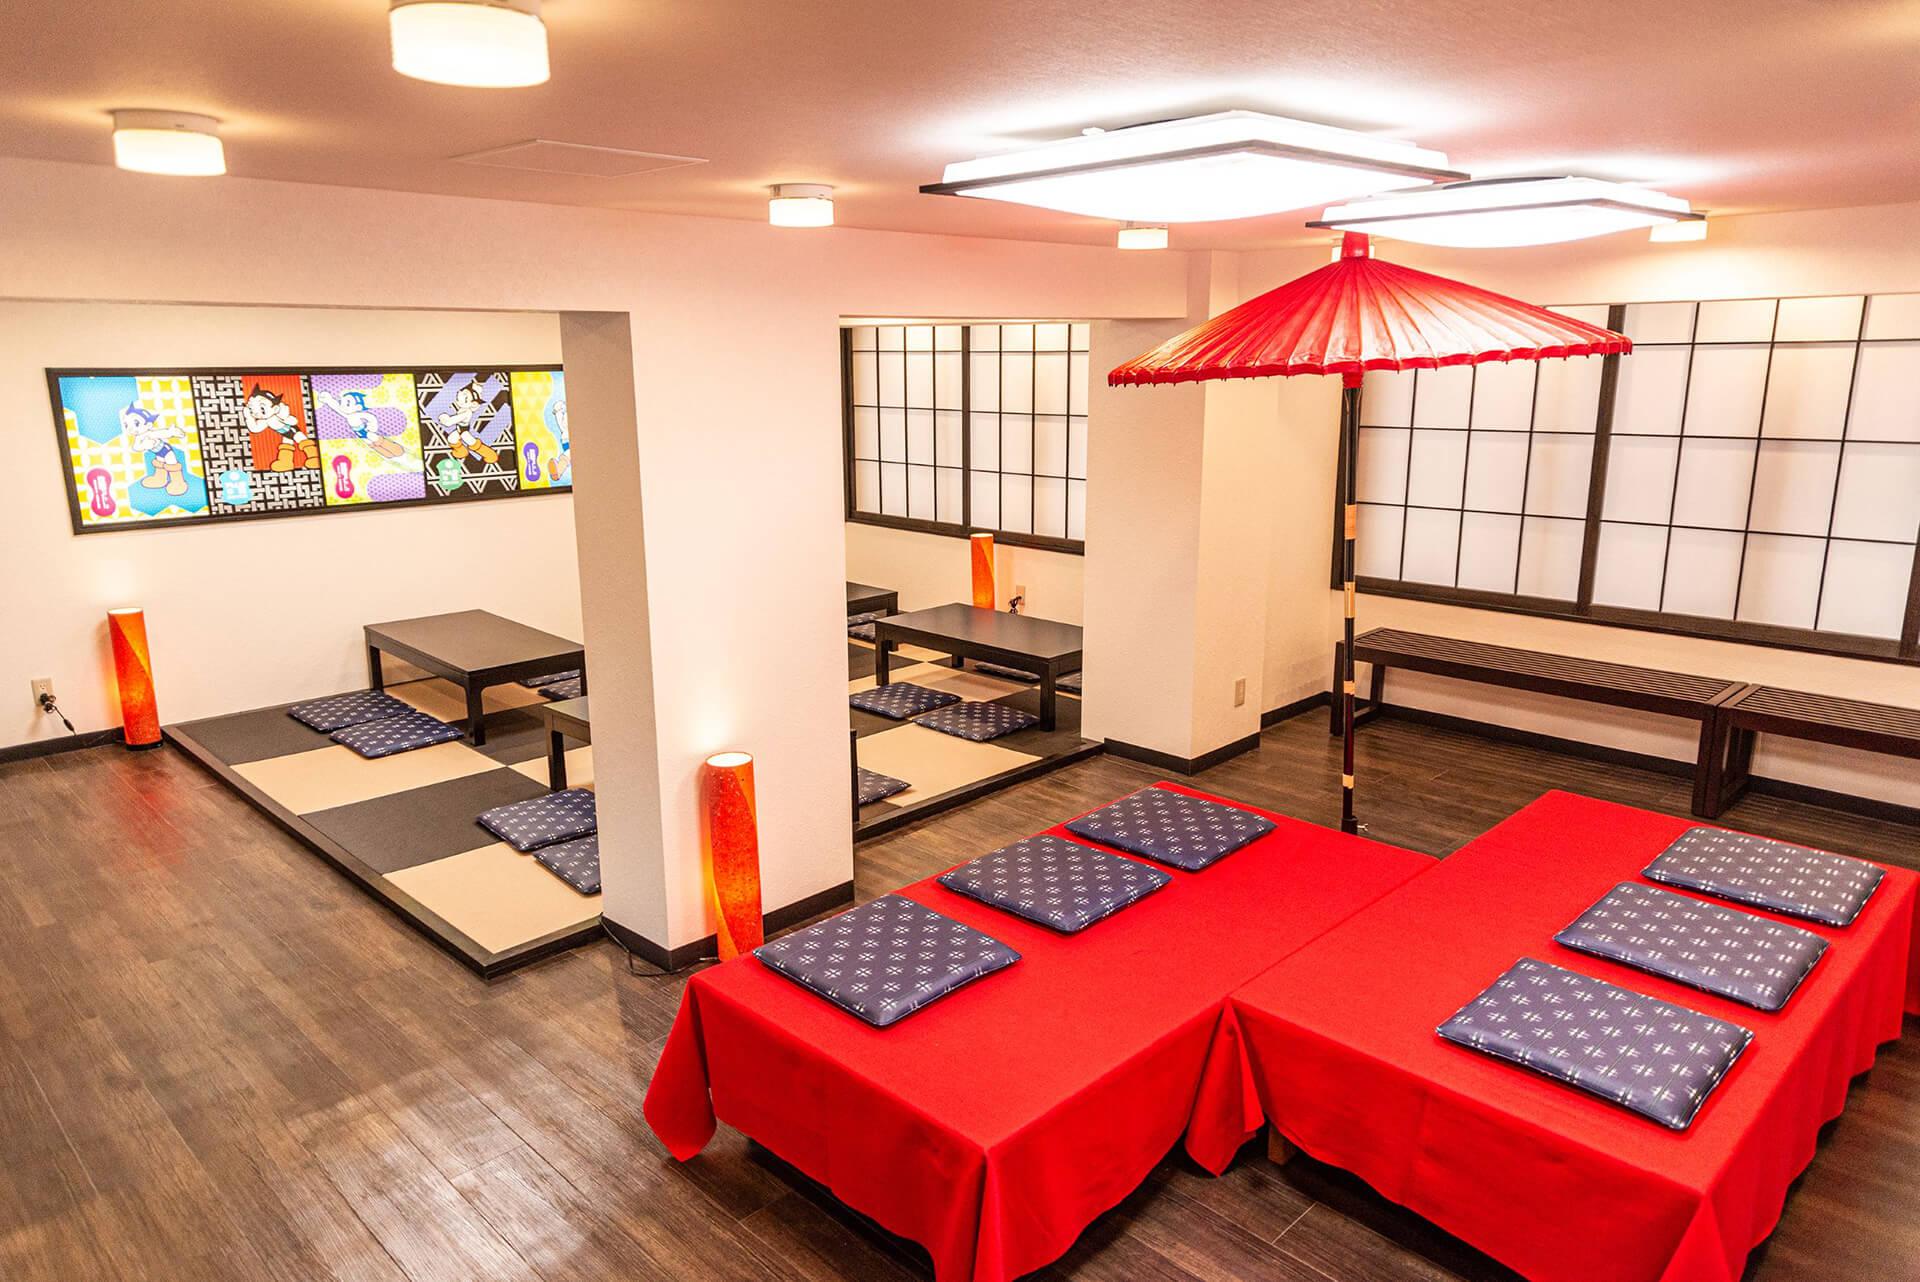 この写真はアトム堂本舗にあるカフェの全景です